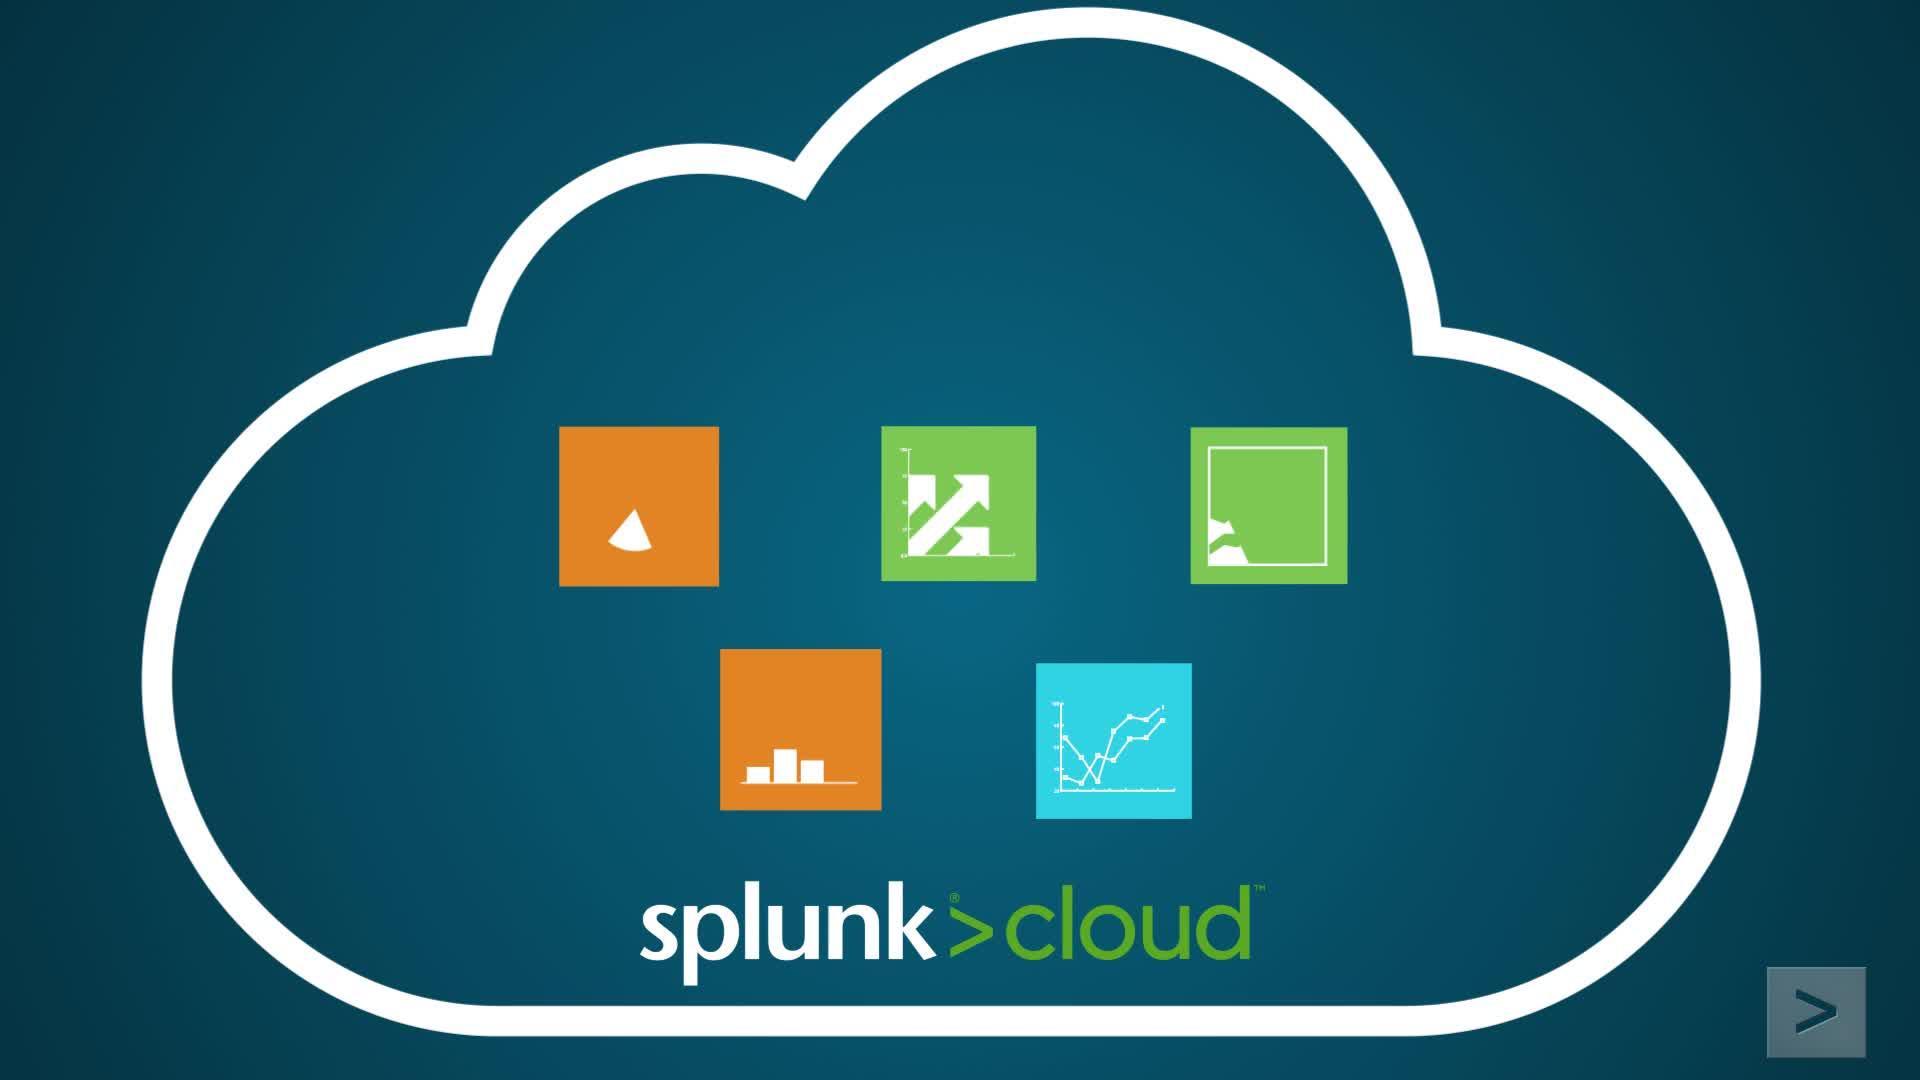 Avis Splunk Cloud : Le moyen le plus rapide d'agréger et d'analyser des données - Appvizer